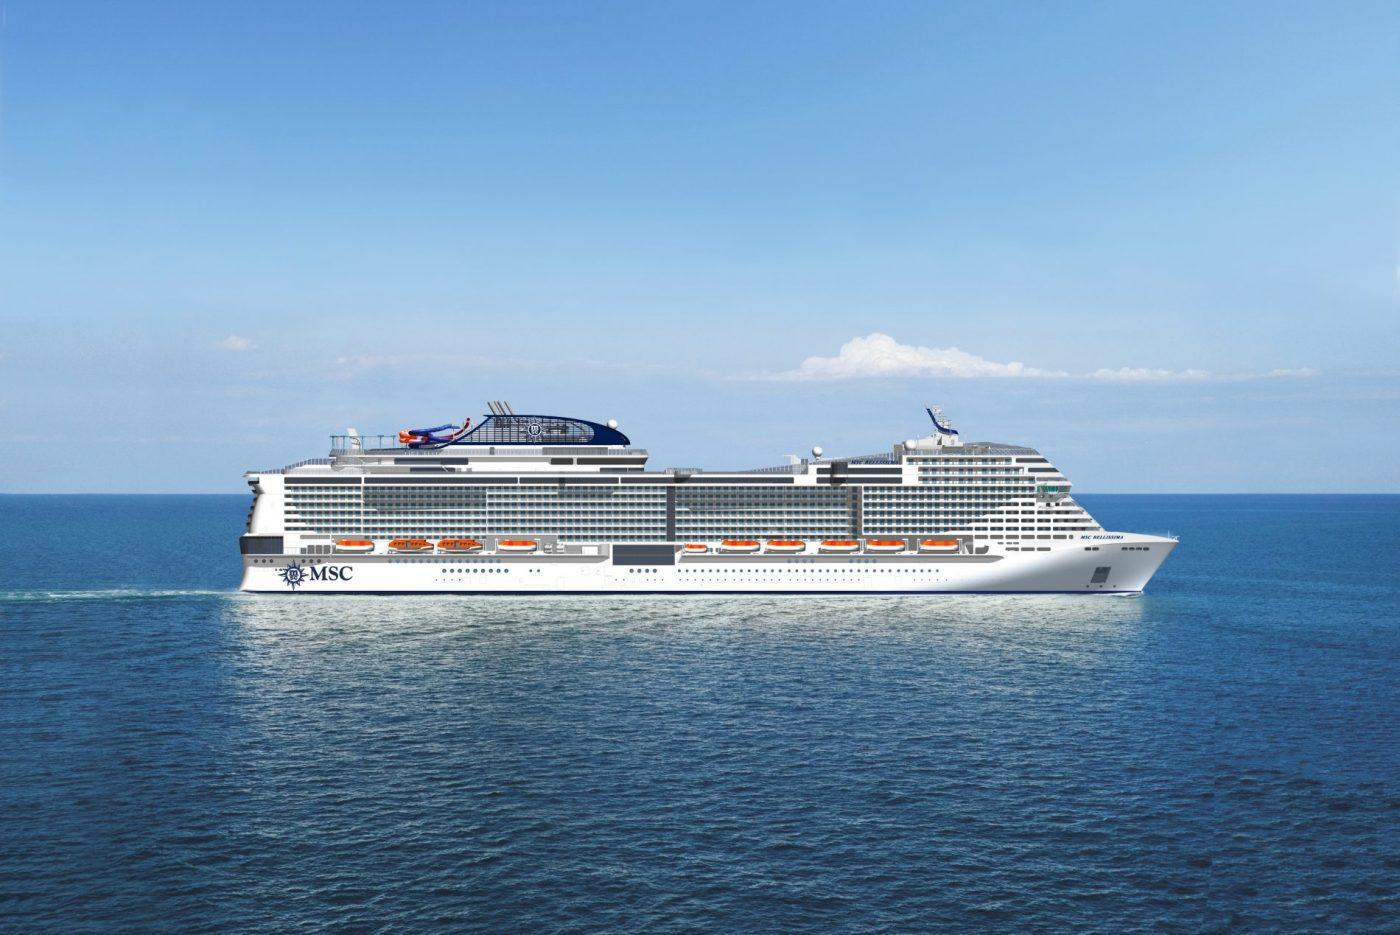 MSC names new ship MSC Grandiosa